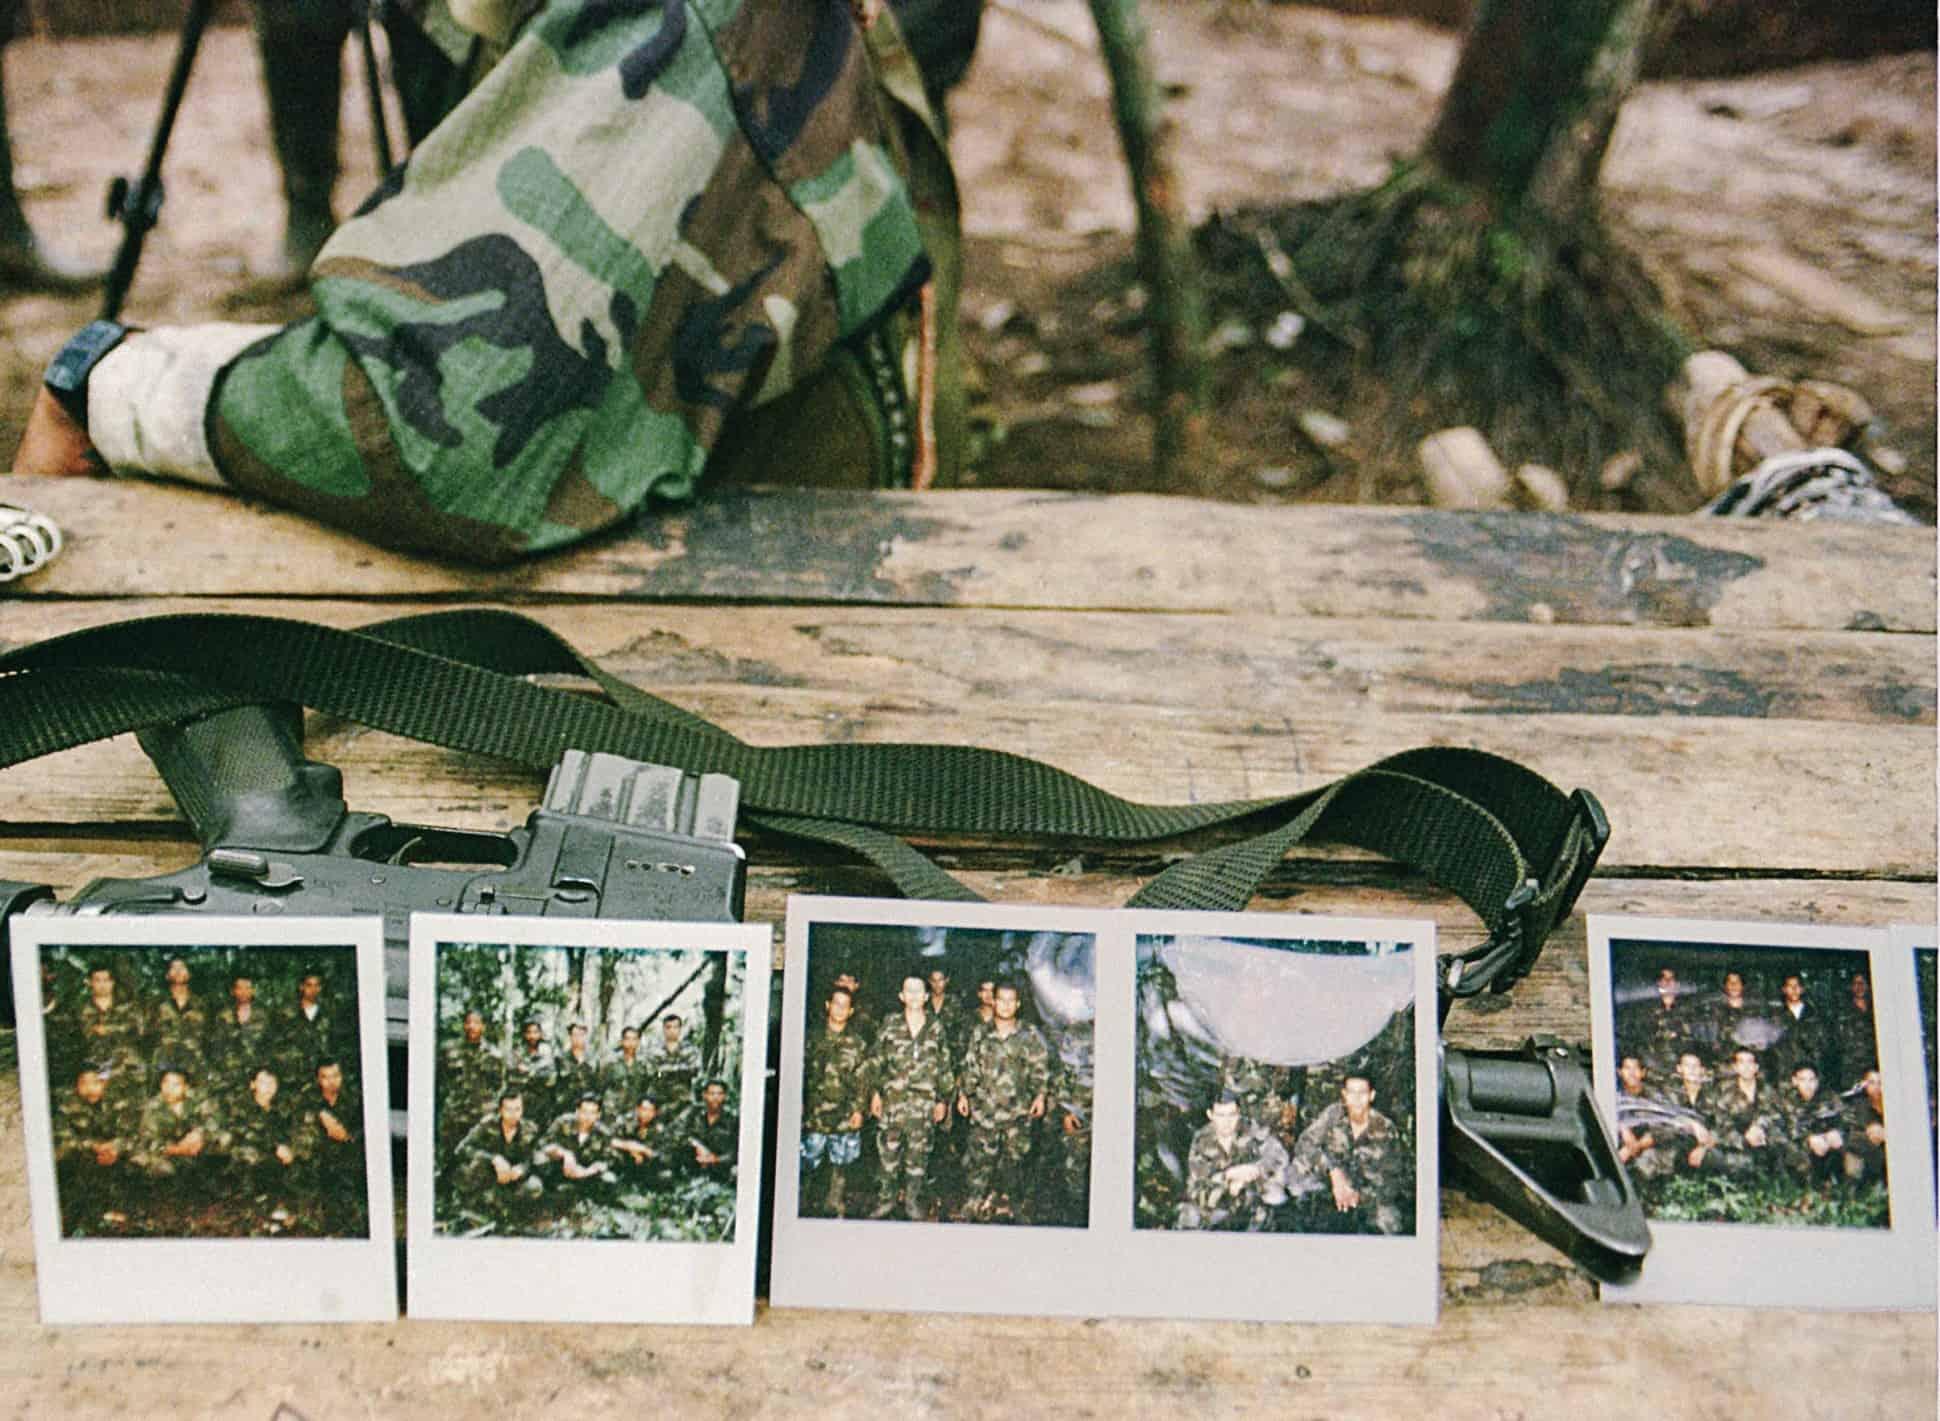 Guerrilla Colombia FARC